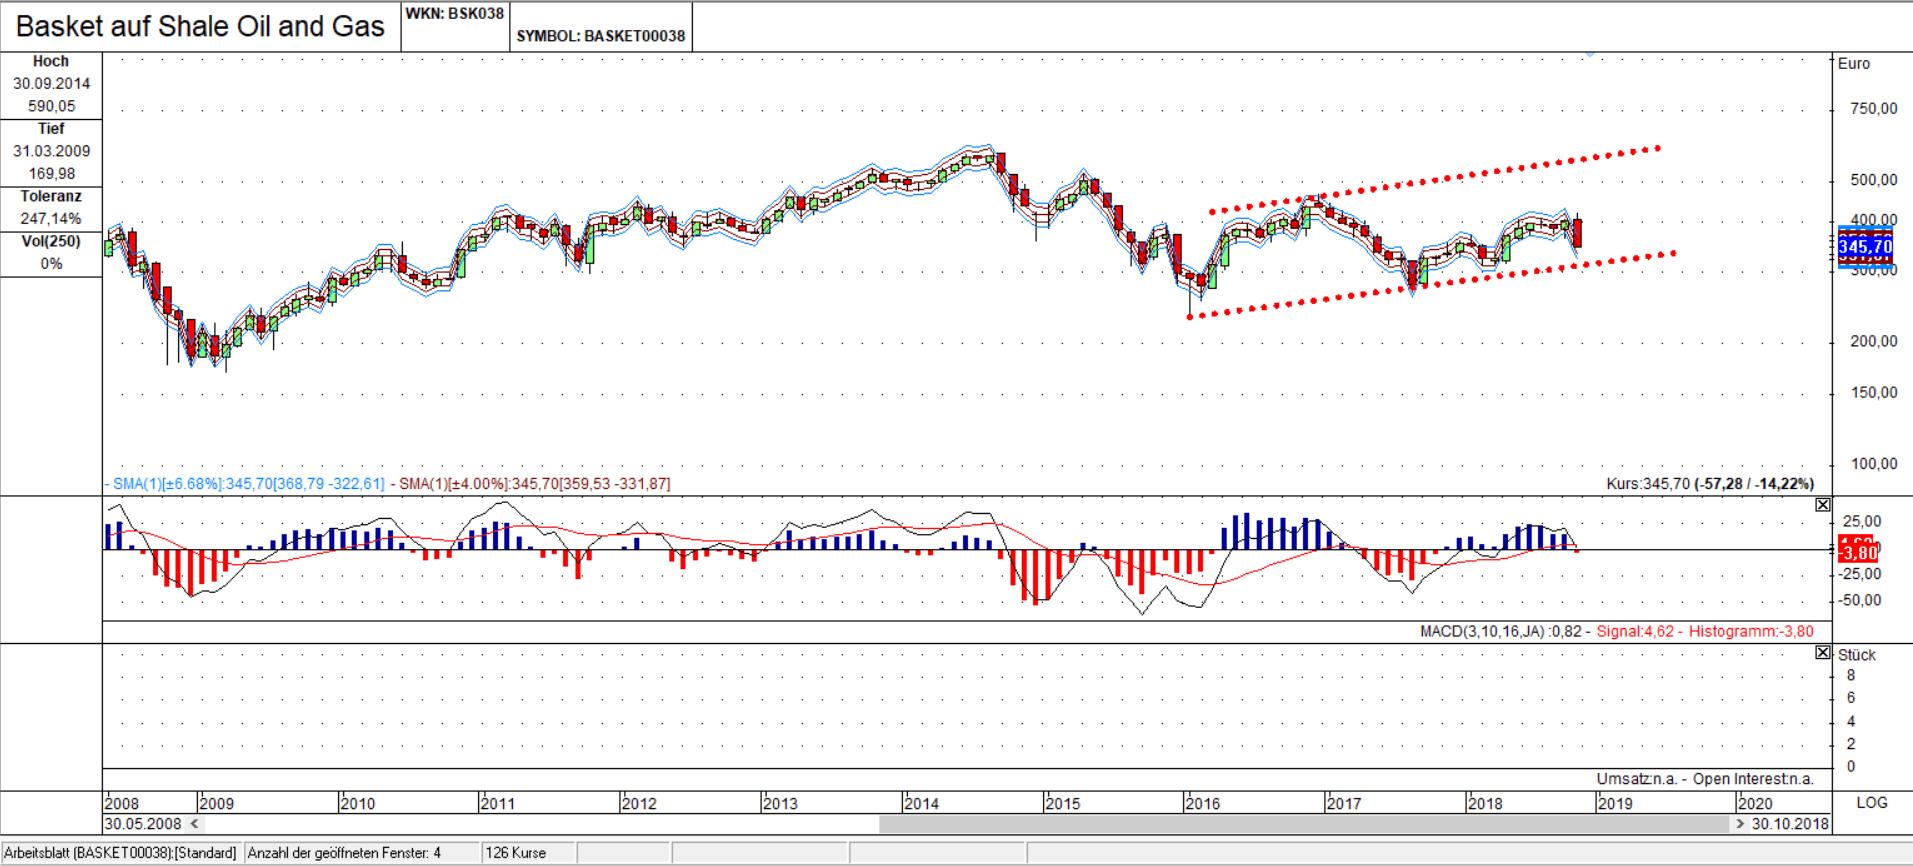 TT Shale Oil & Gas Basket Chart